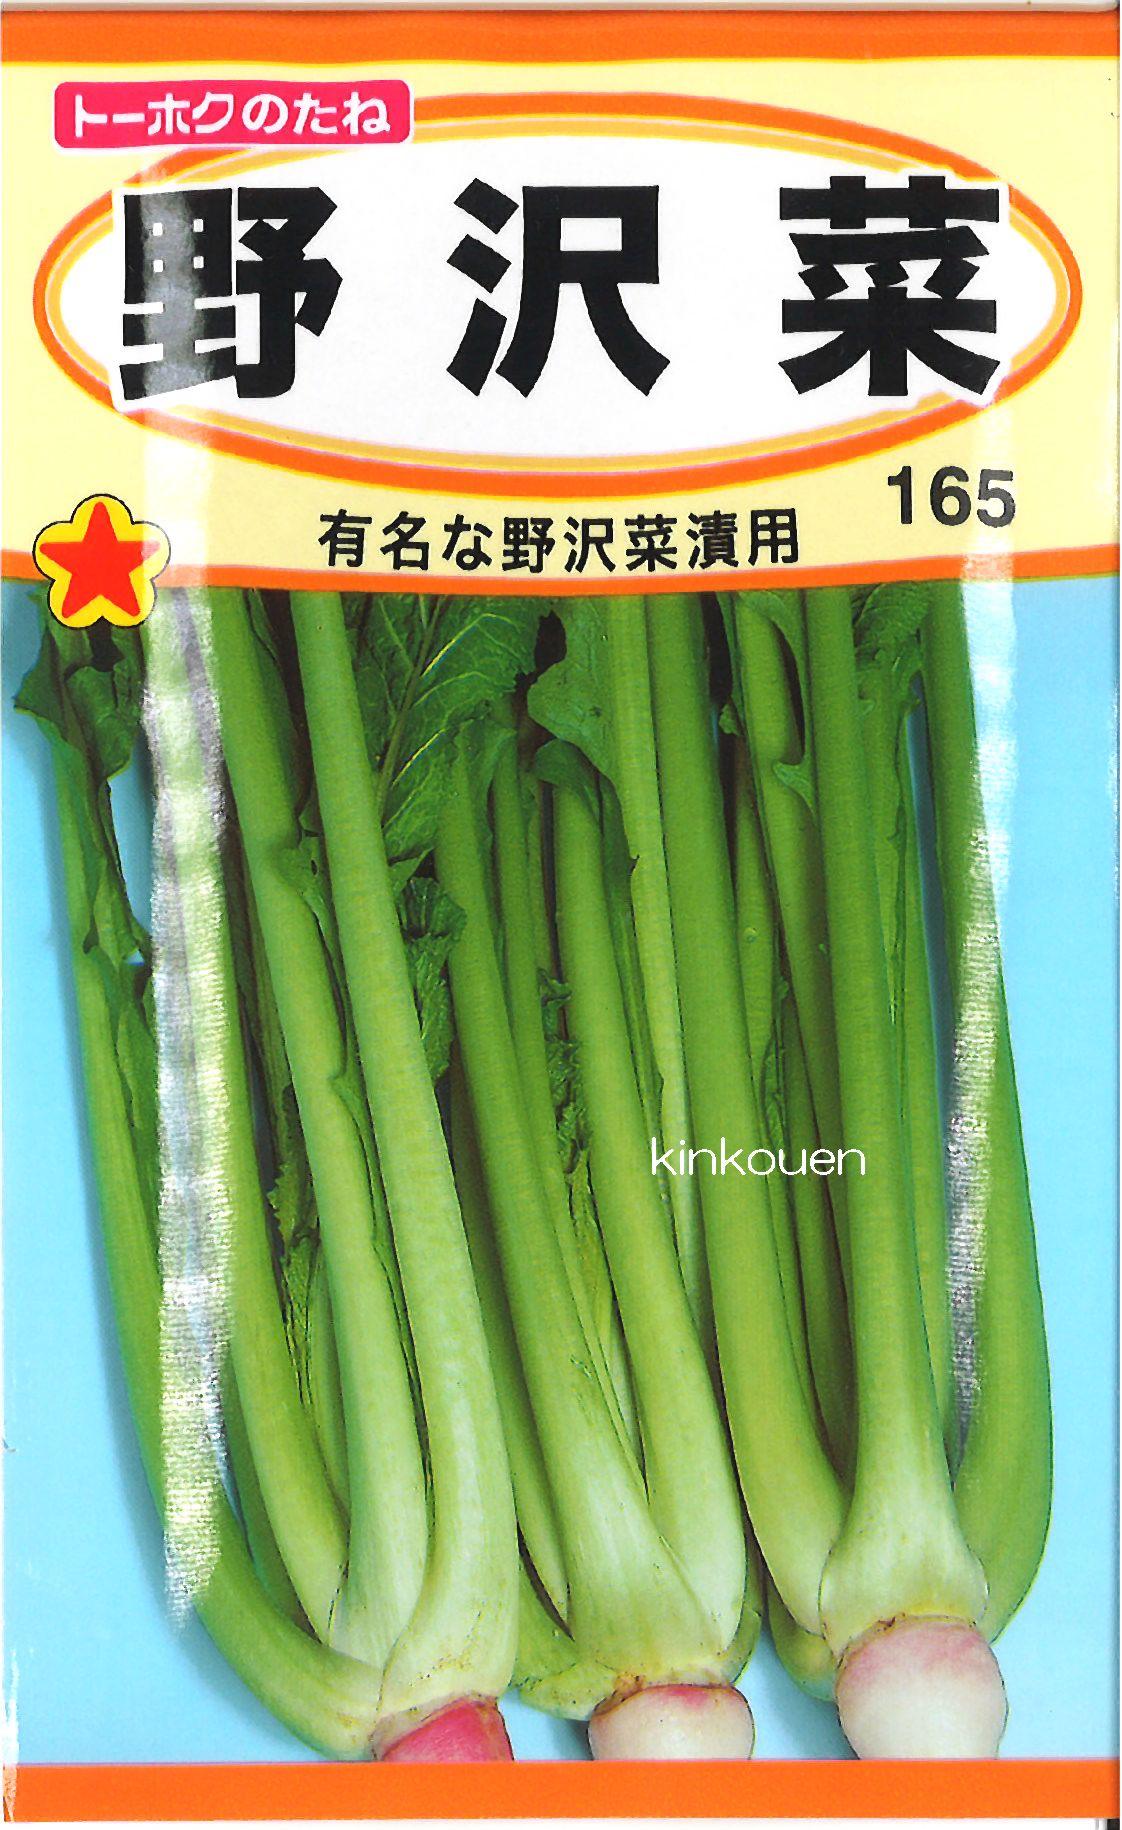 【代引不可】【5袋まで送料80円】□野沢菜